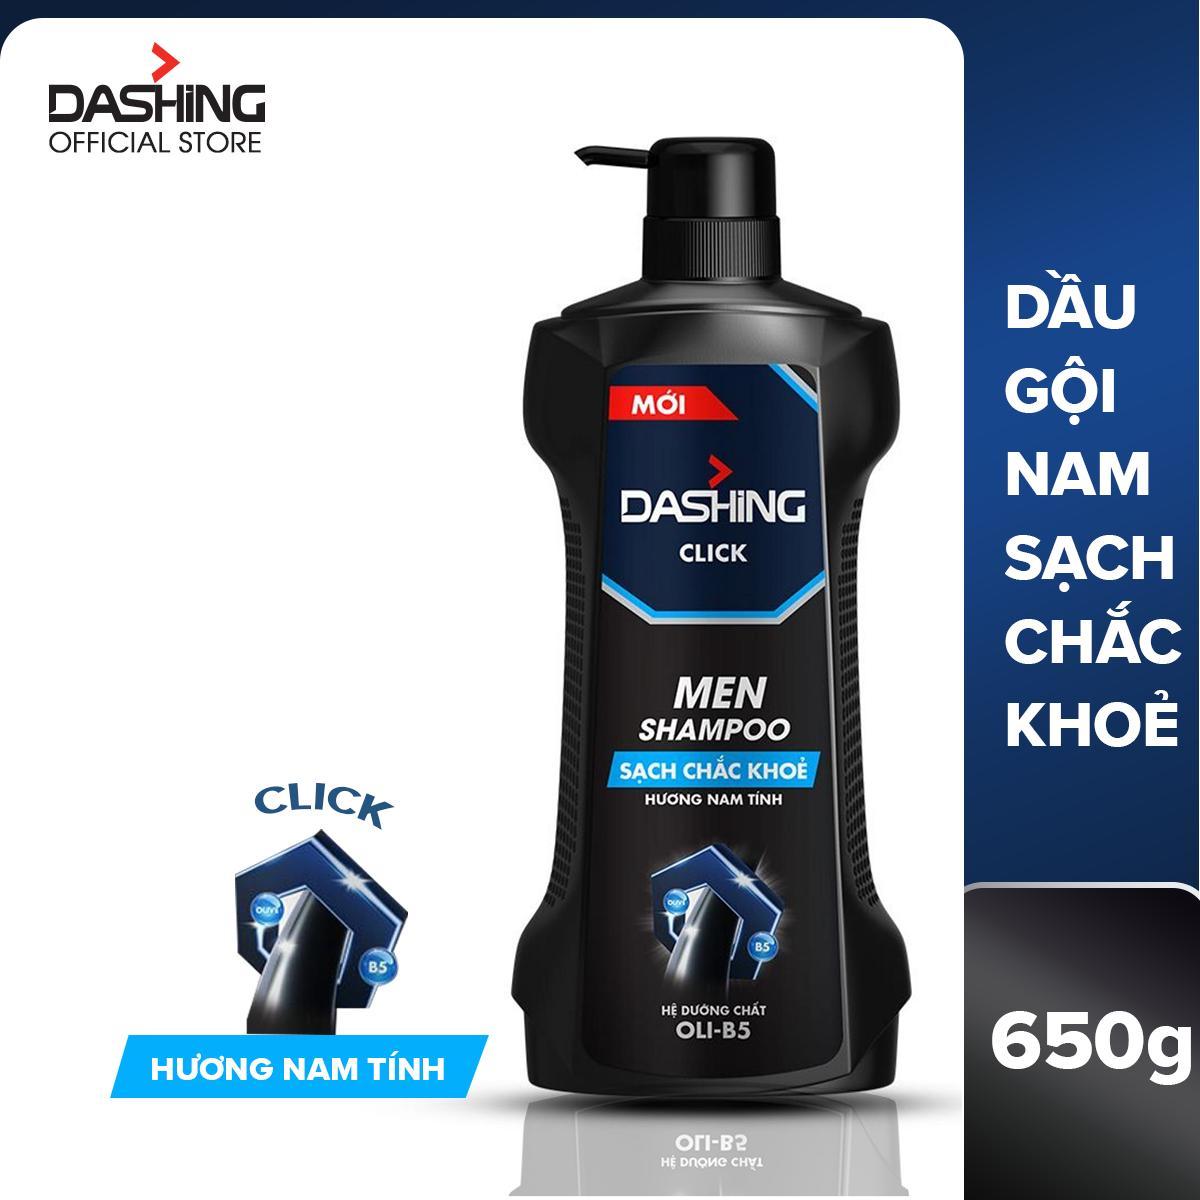 Dầu gội cho tóc sạch chắc khỏe dành cho nam giới Dashing Click Men Shampoo 650g